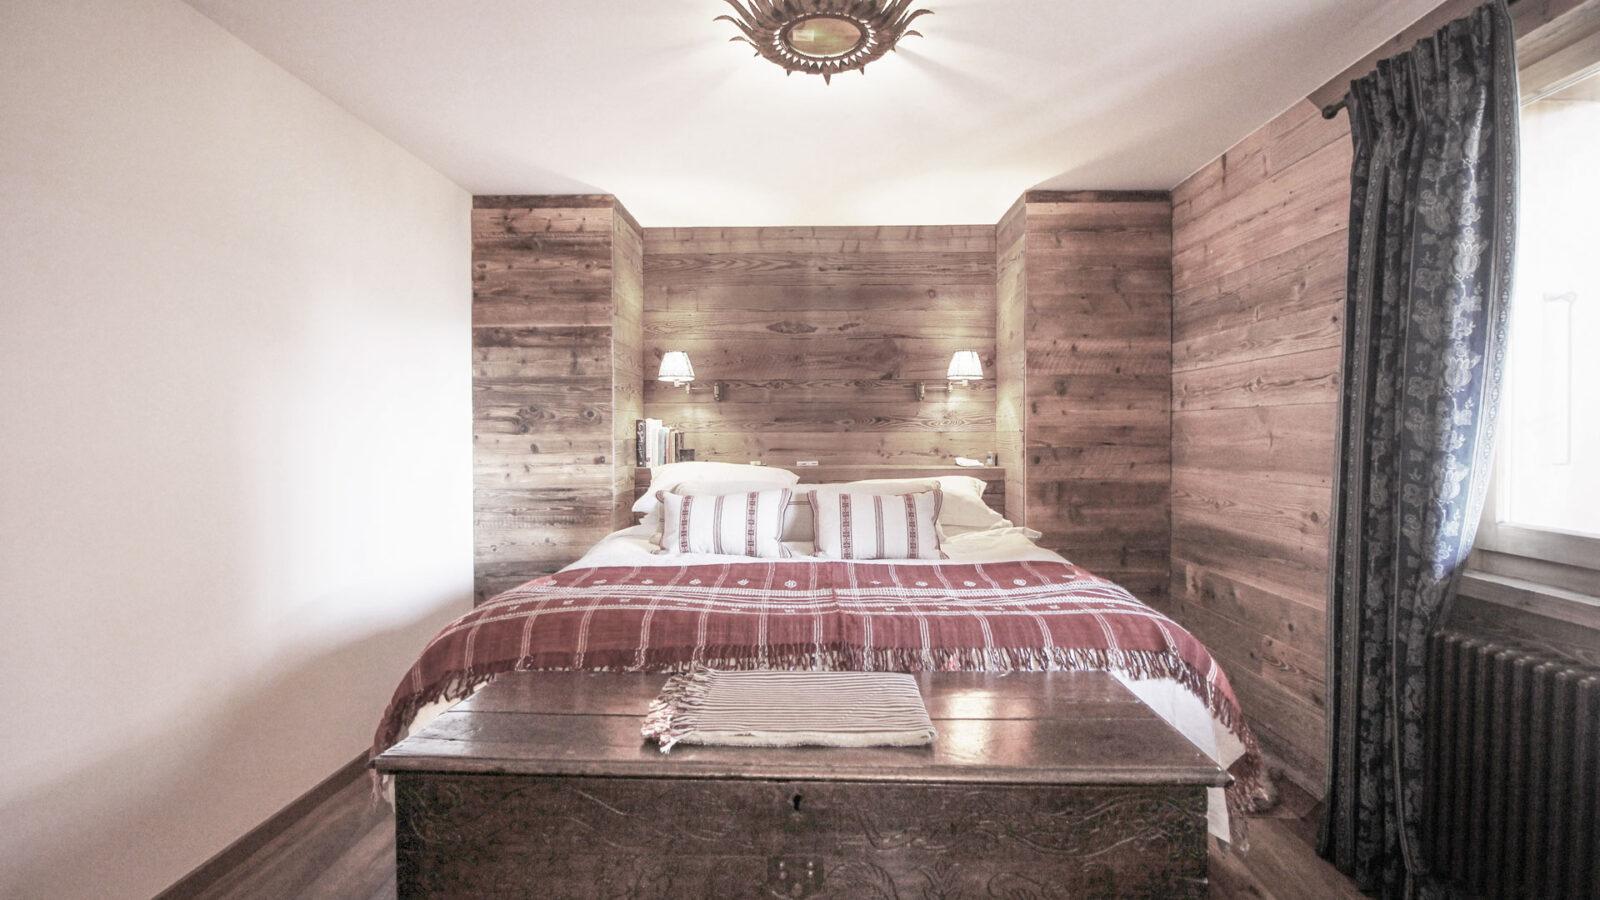 CSDK - Appartement - Verbier - Transformation - Chambre à coucher - 1